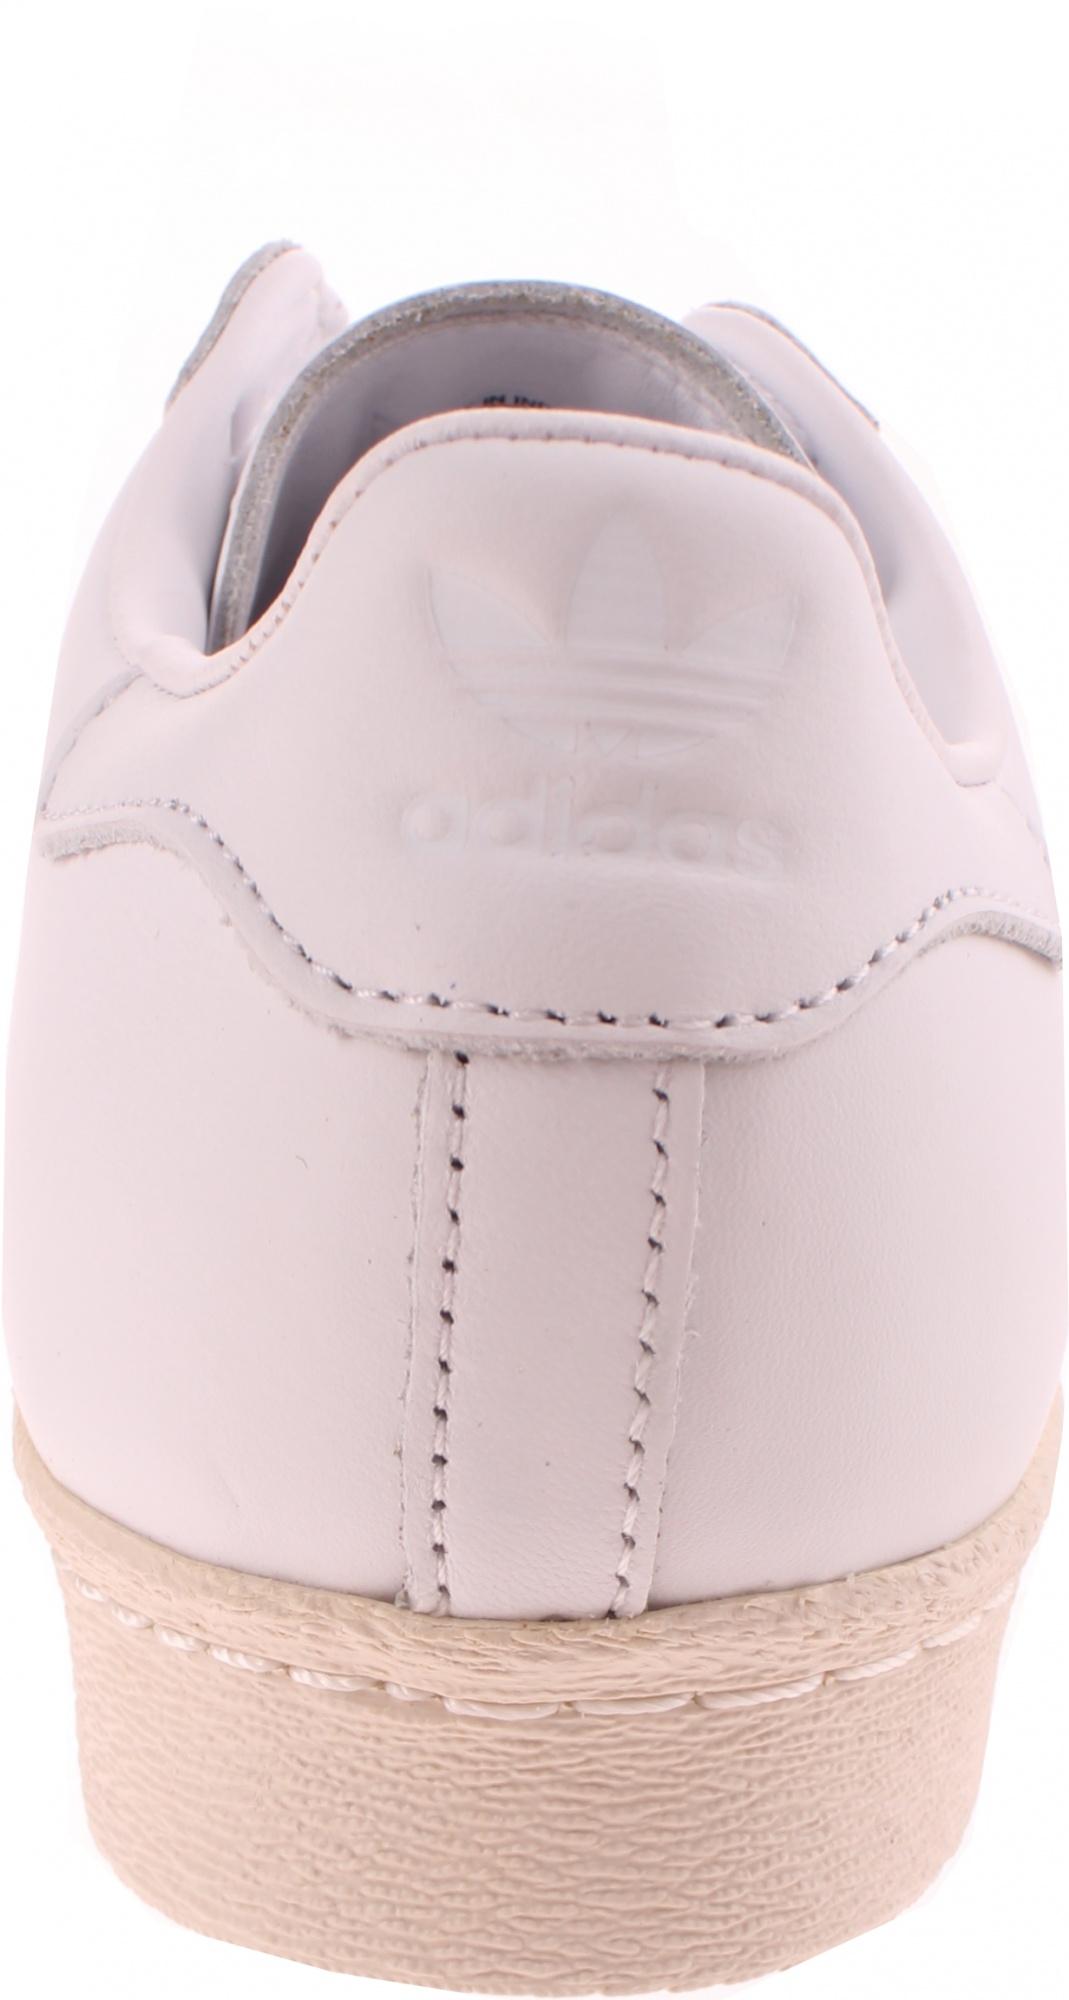 adidas Superstar 80 Sneakers Cork Frauen weiß Internet